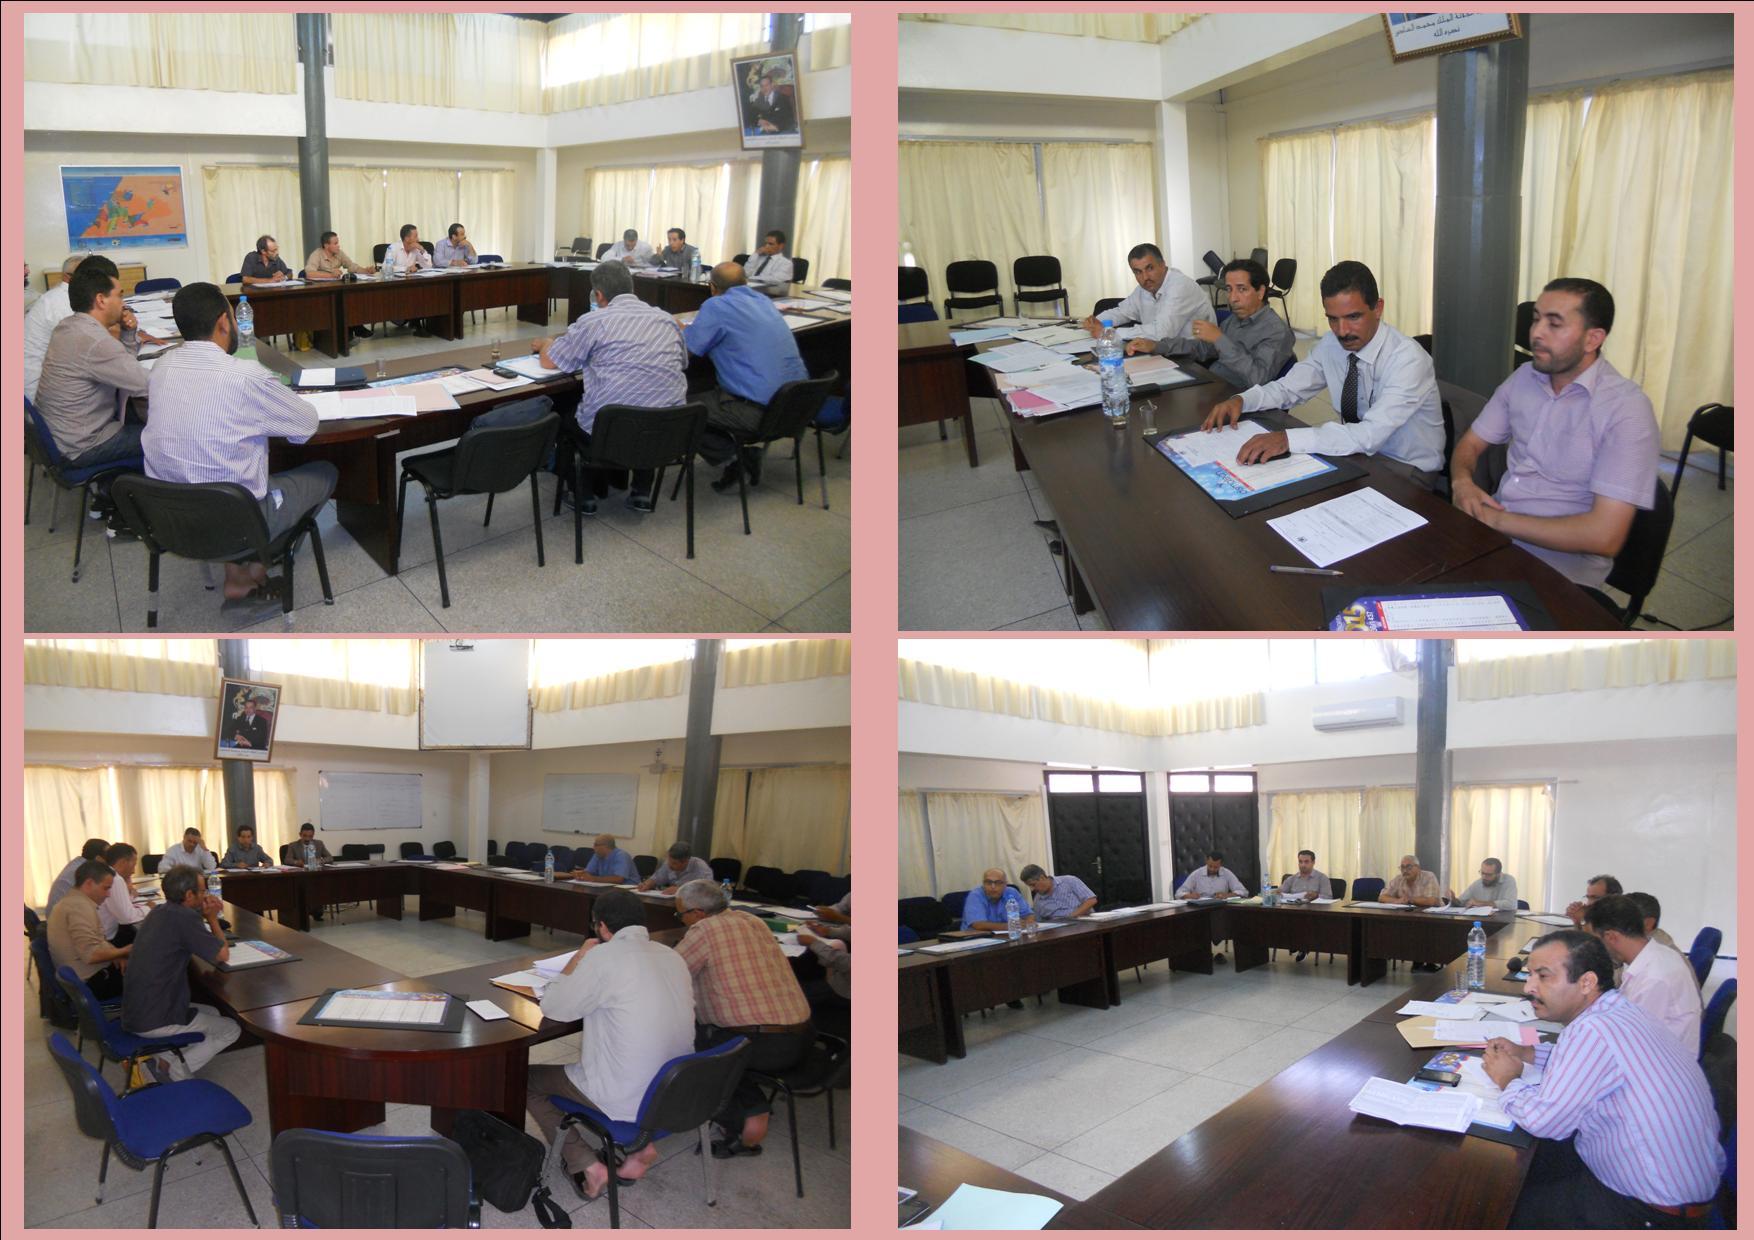 لجنة فض النزاعات بنيابة تيزنيت تجتمع لتدارس قضايا الدخول المدرسي 2015/2016